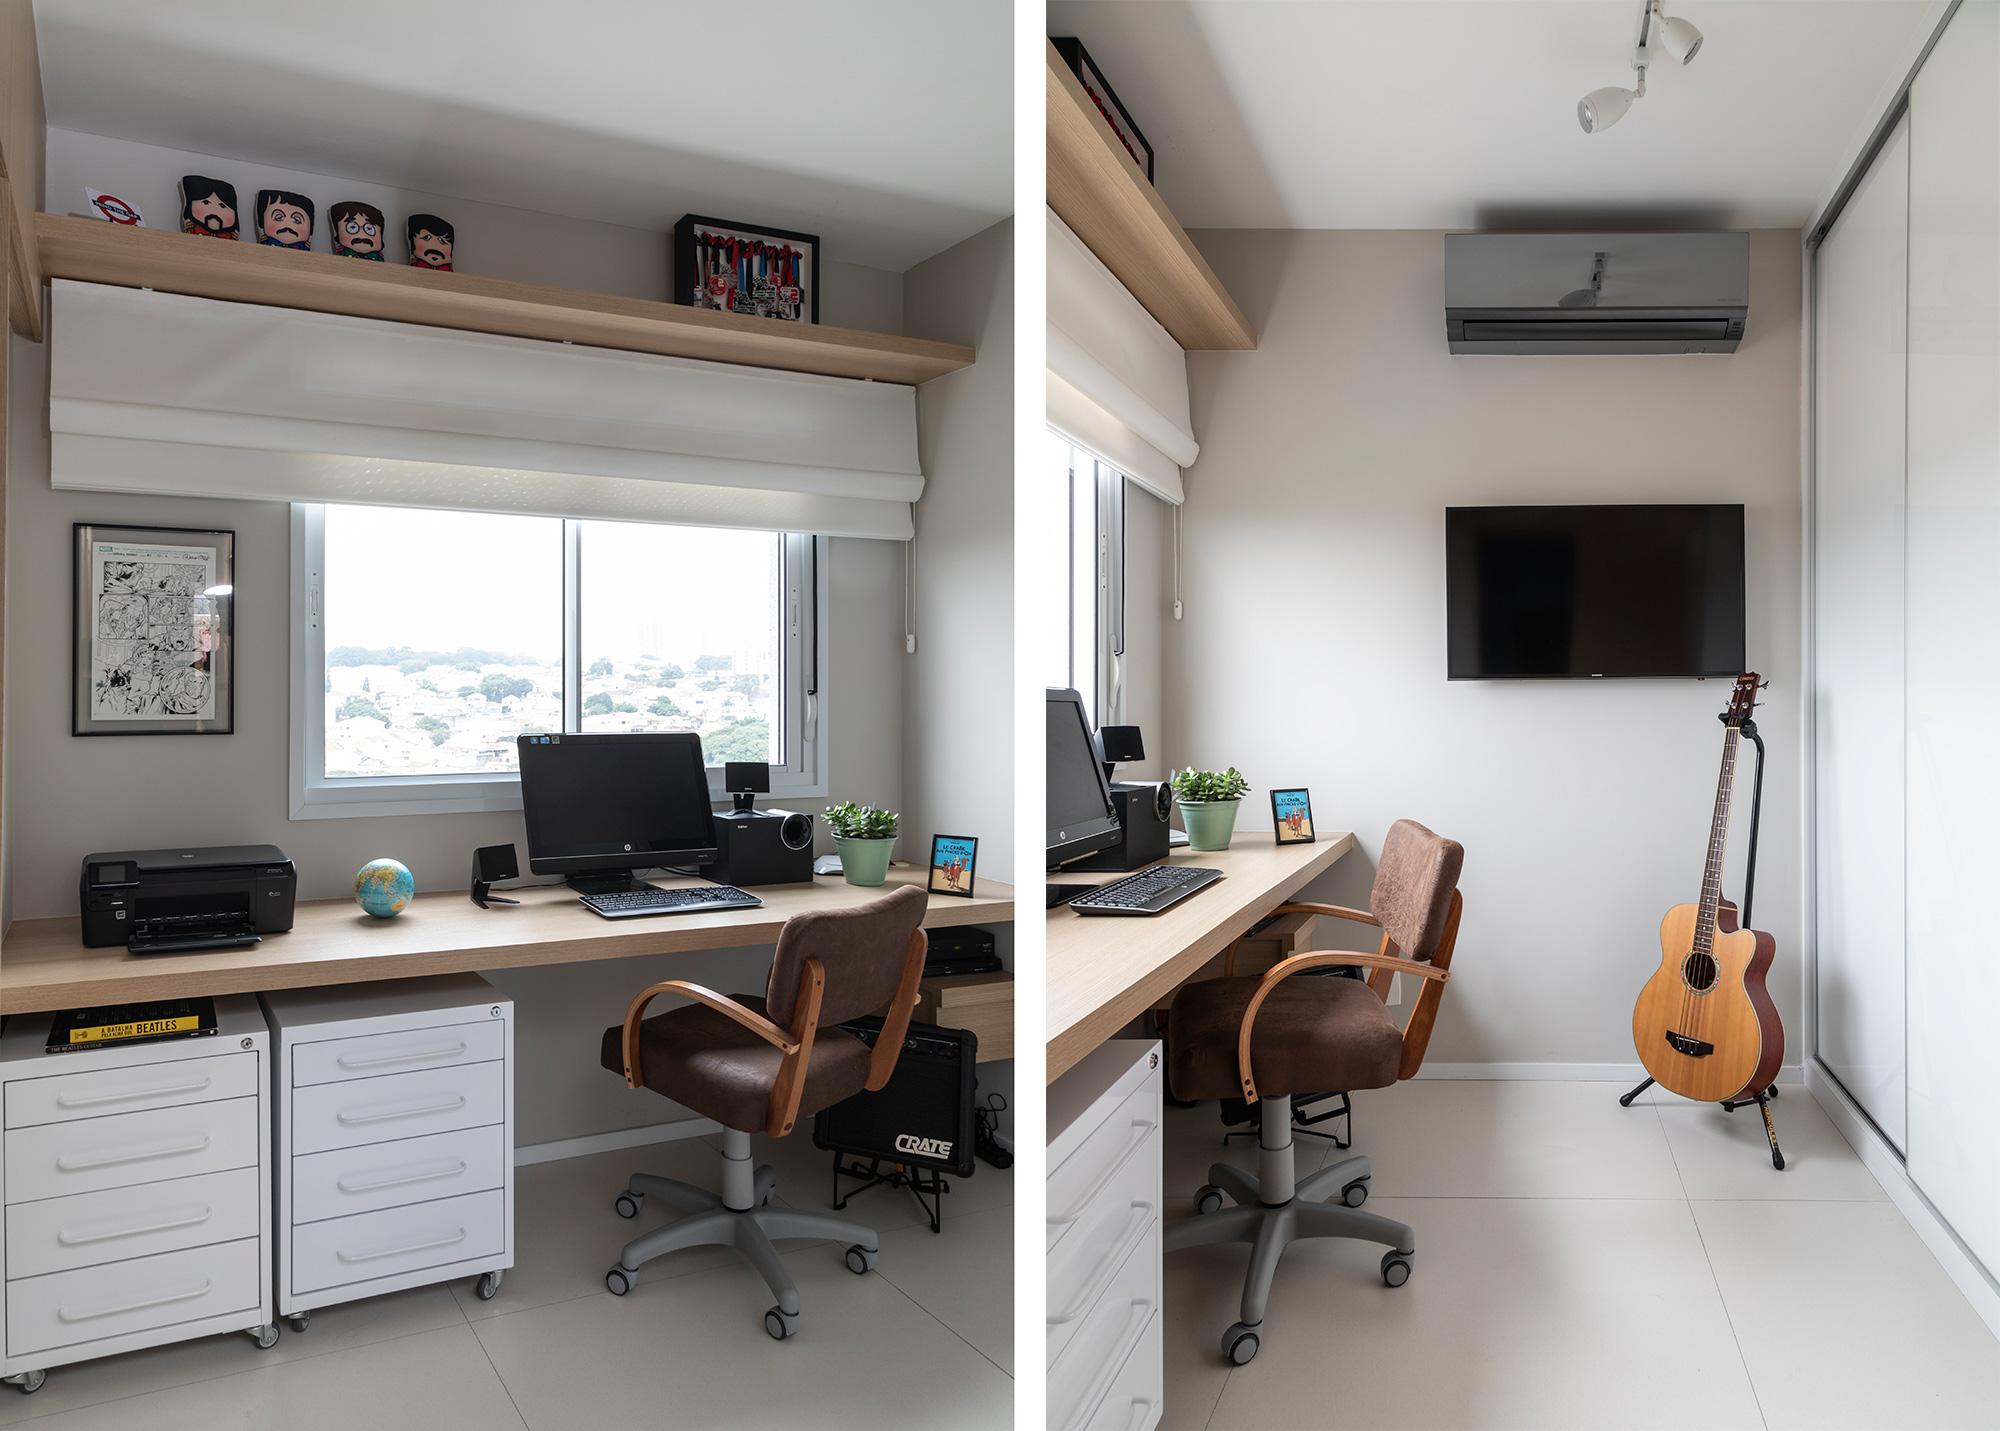 Escritório com bancada, cadeira ergonômica, móveis soltos e iluminação natural permite uma boa rotina de trabalho.